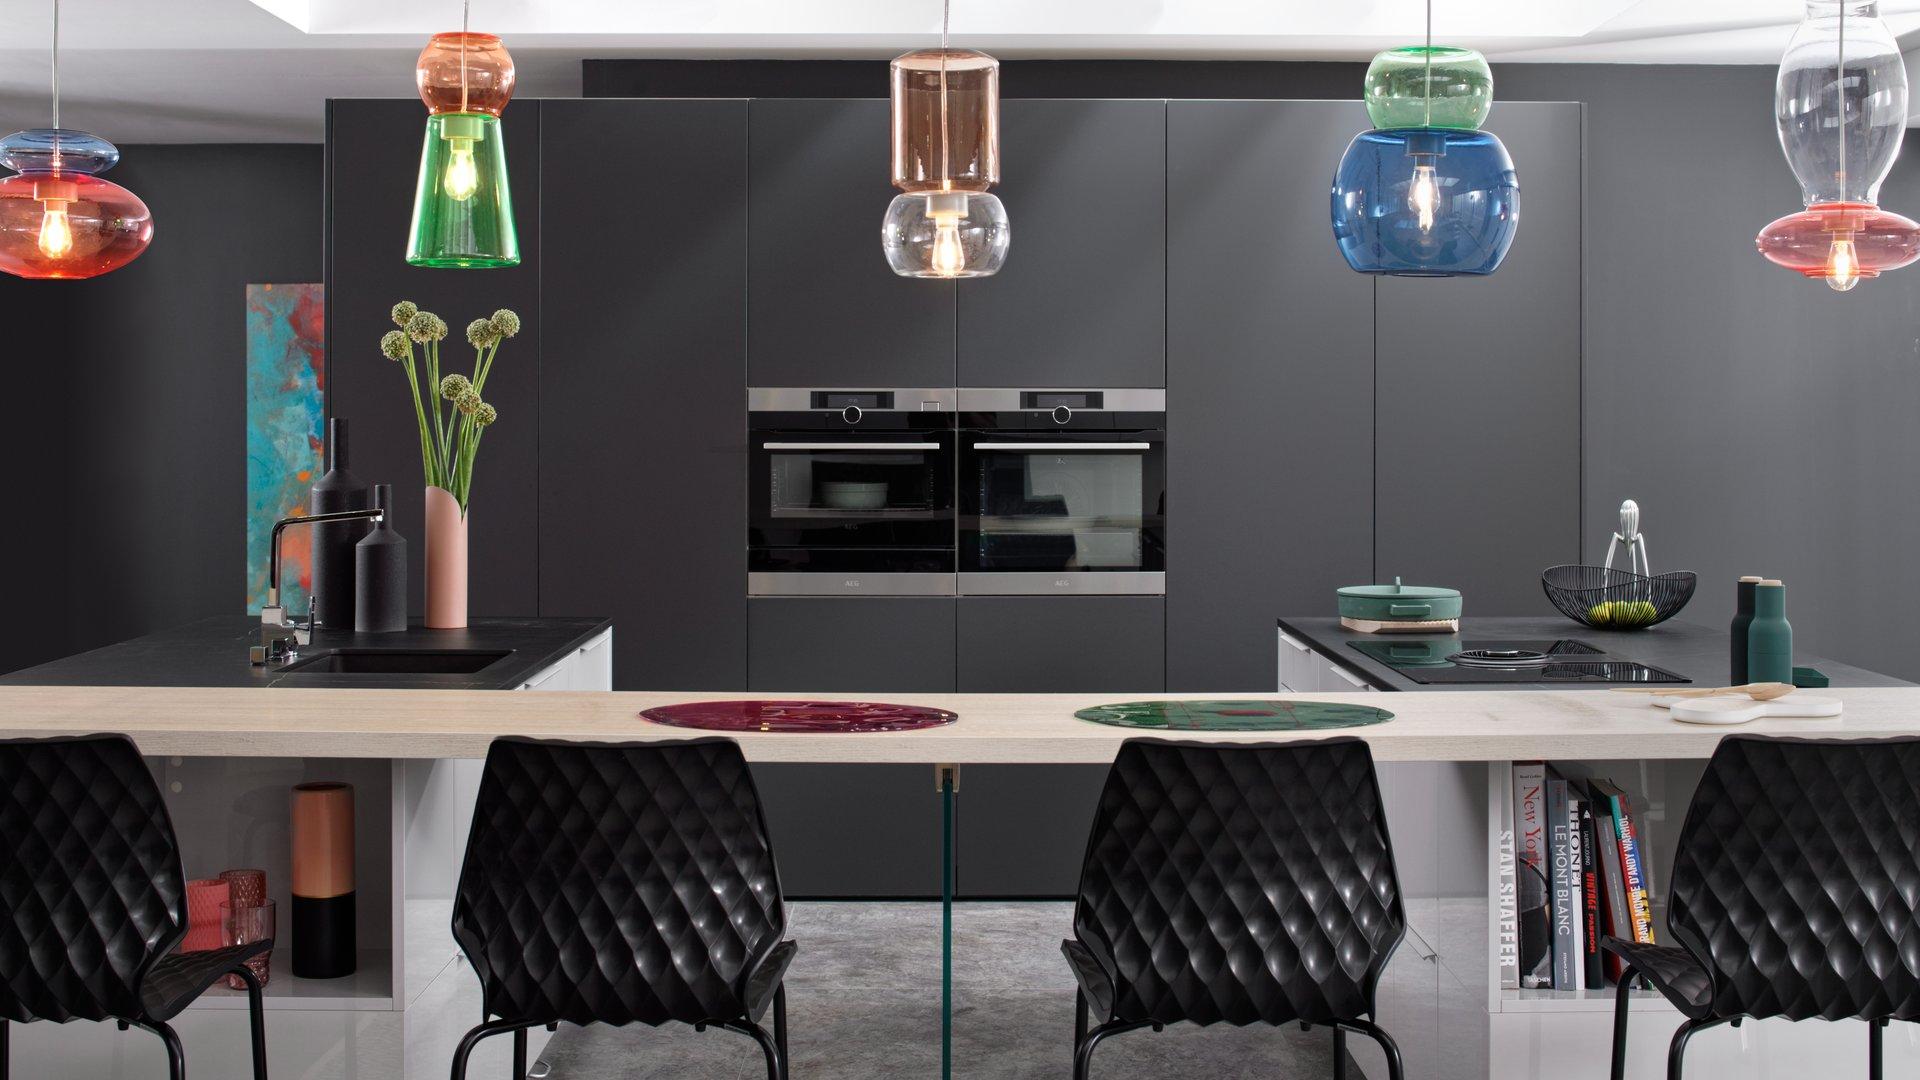 Meuble Bas De Cuisine Noir Laqué cuisine noire : avantages, inconvénients pour bien choisir